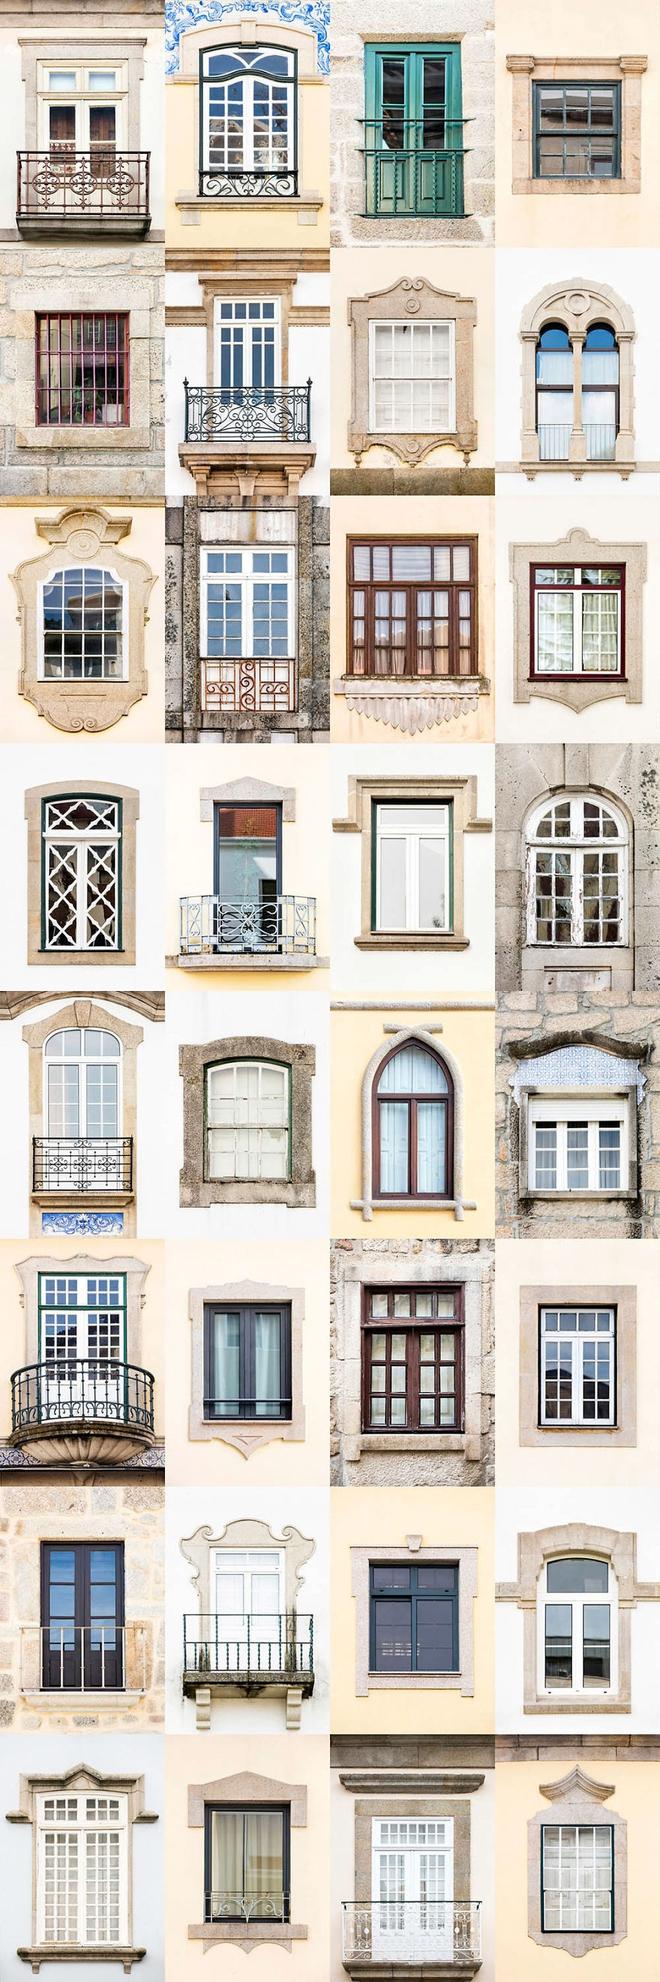 Mãn nhãn với 14 phong cách thiết kế cửa sổ ấn tượng ở Bồ Đào Nha - Ảnh 11.